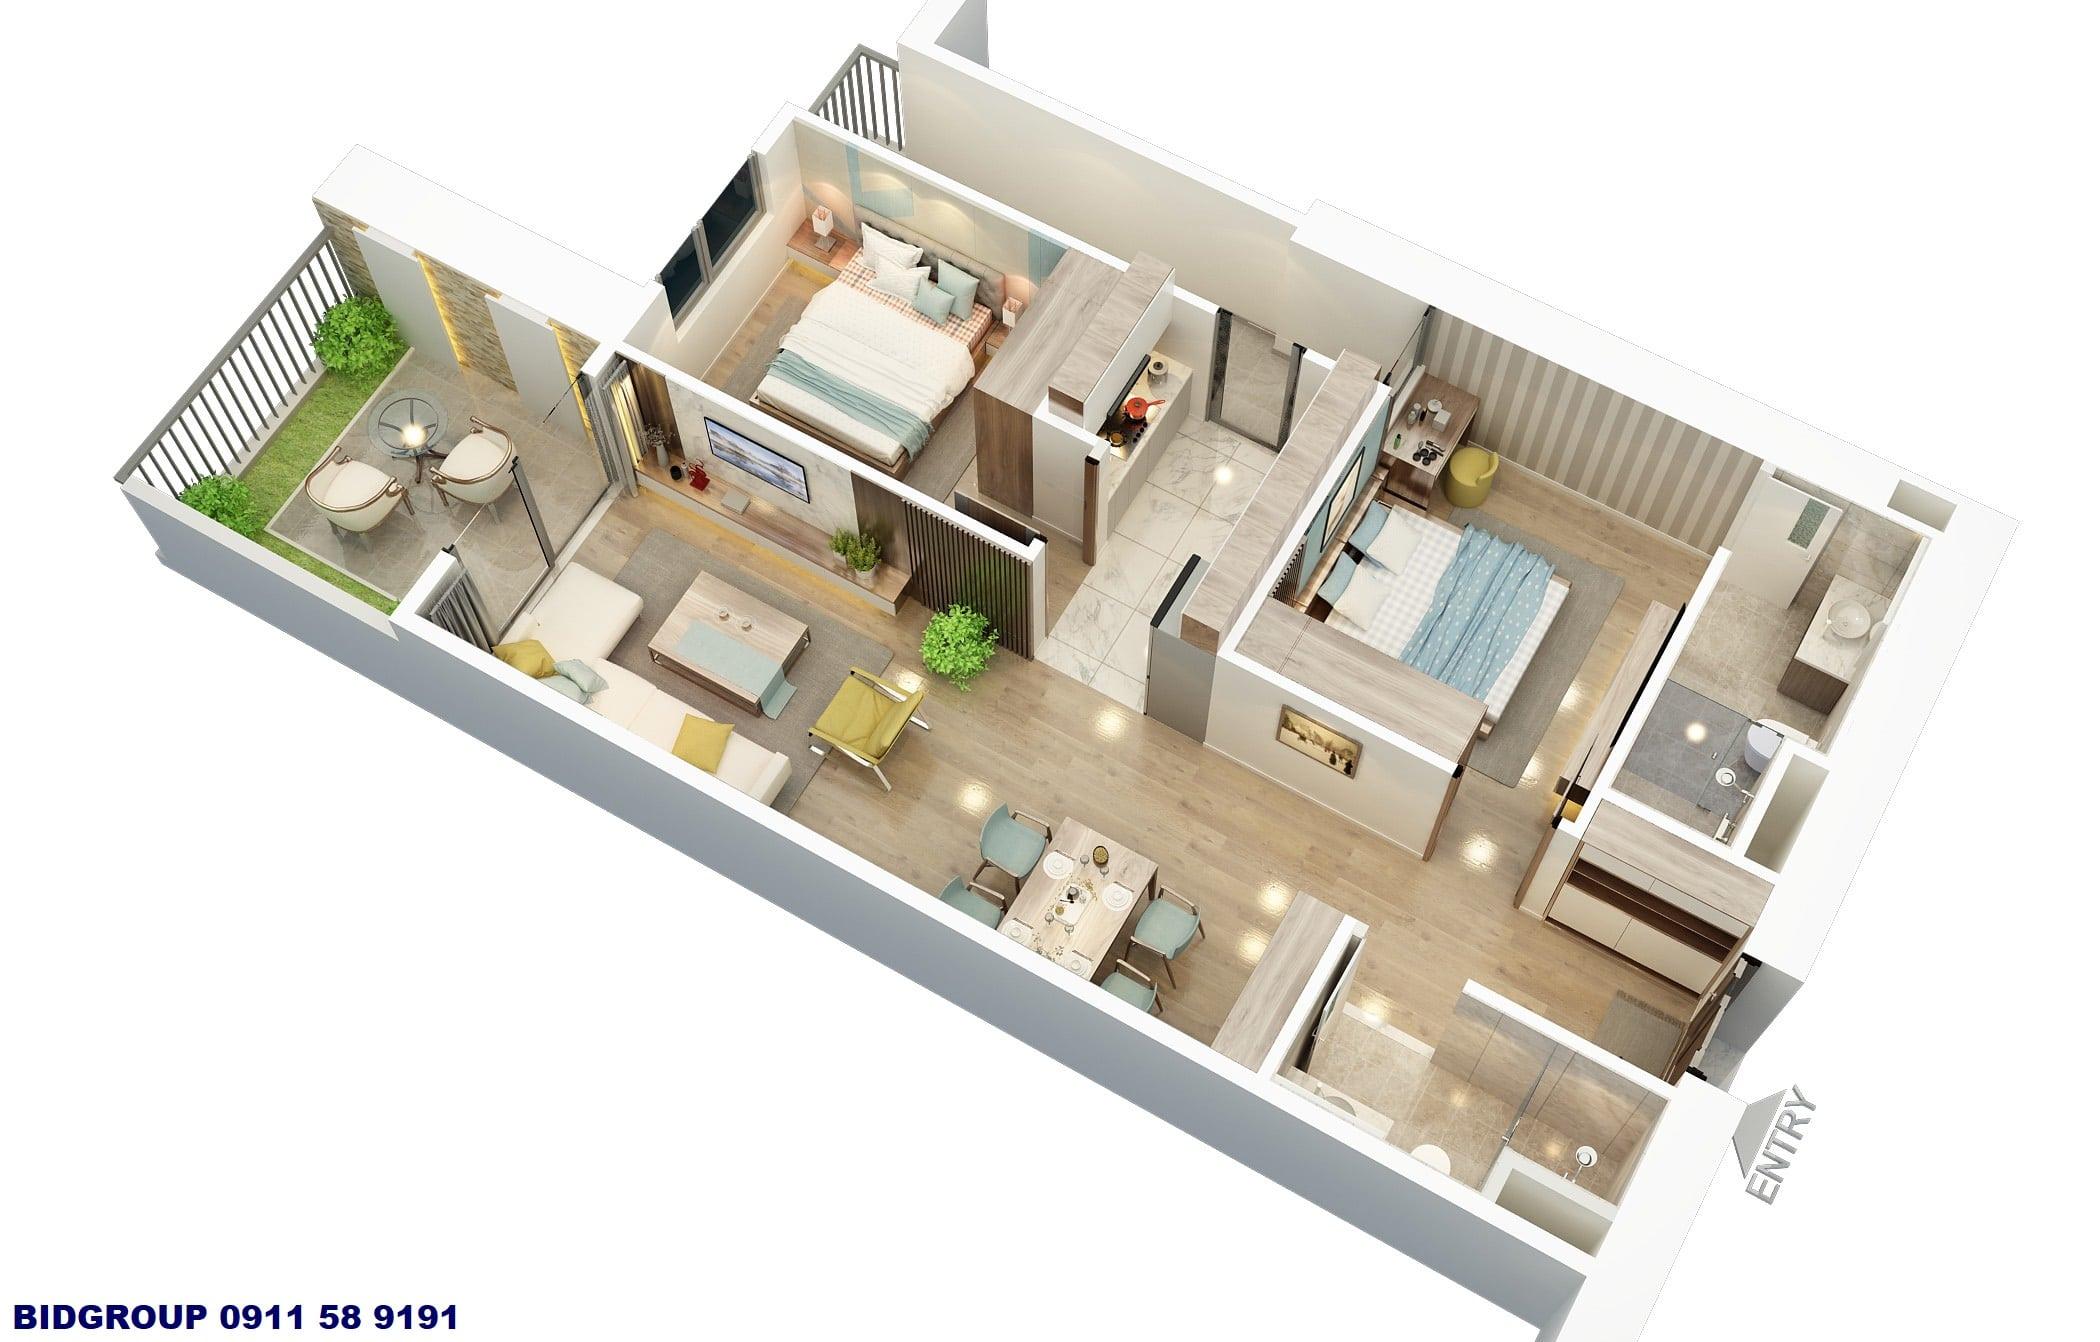 Thiết kế căn hộ 2 ngủ có sân vườn Dự án BID Group Tố Hữu